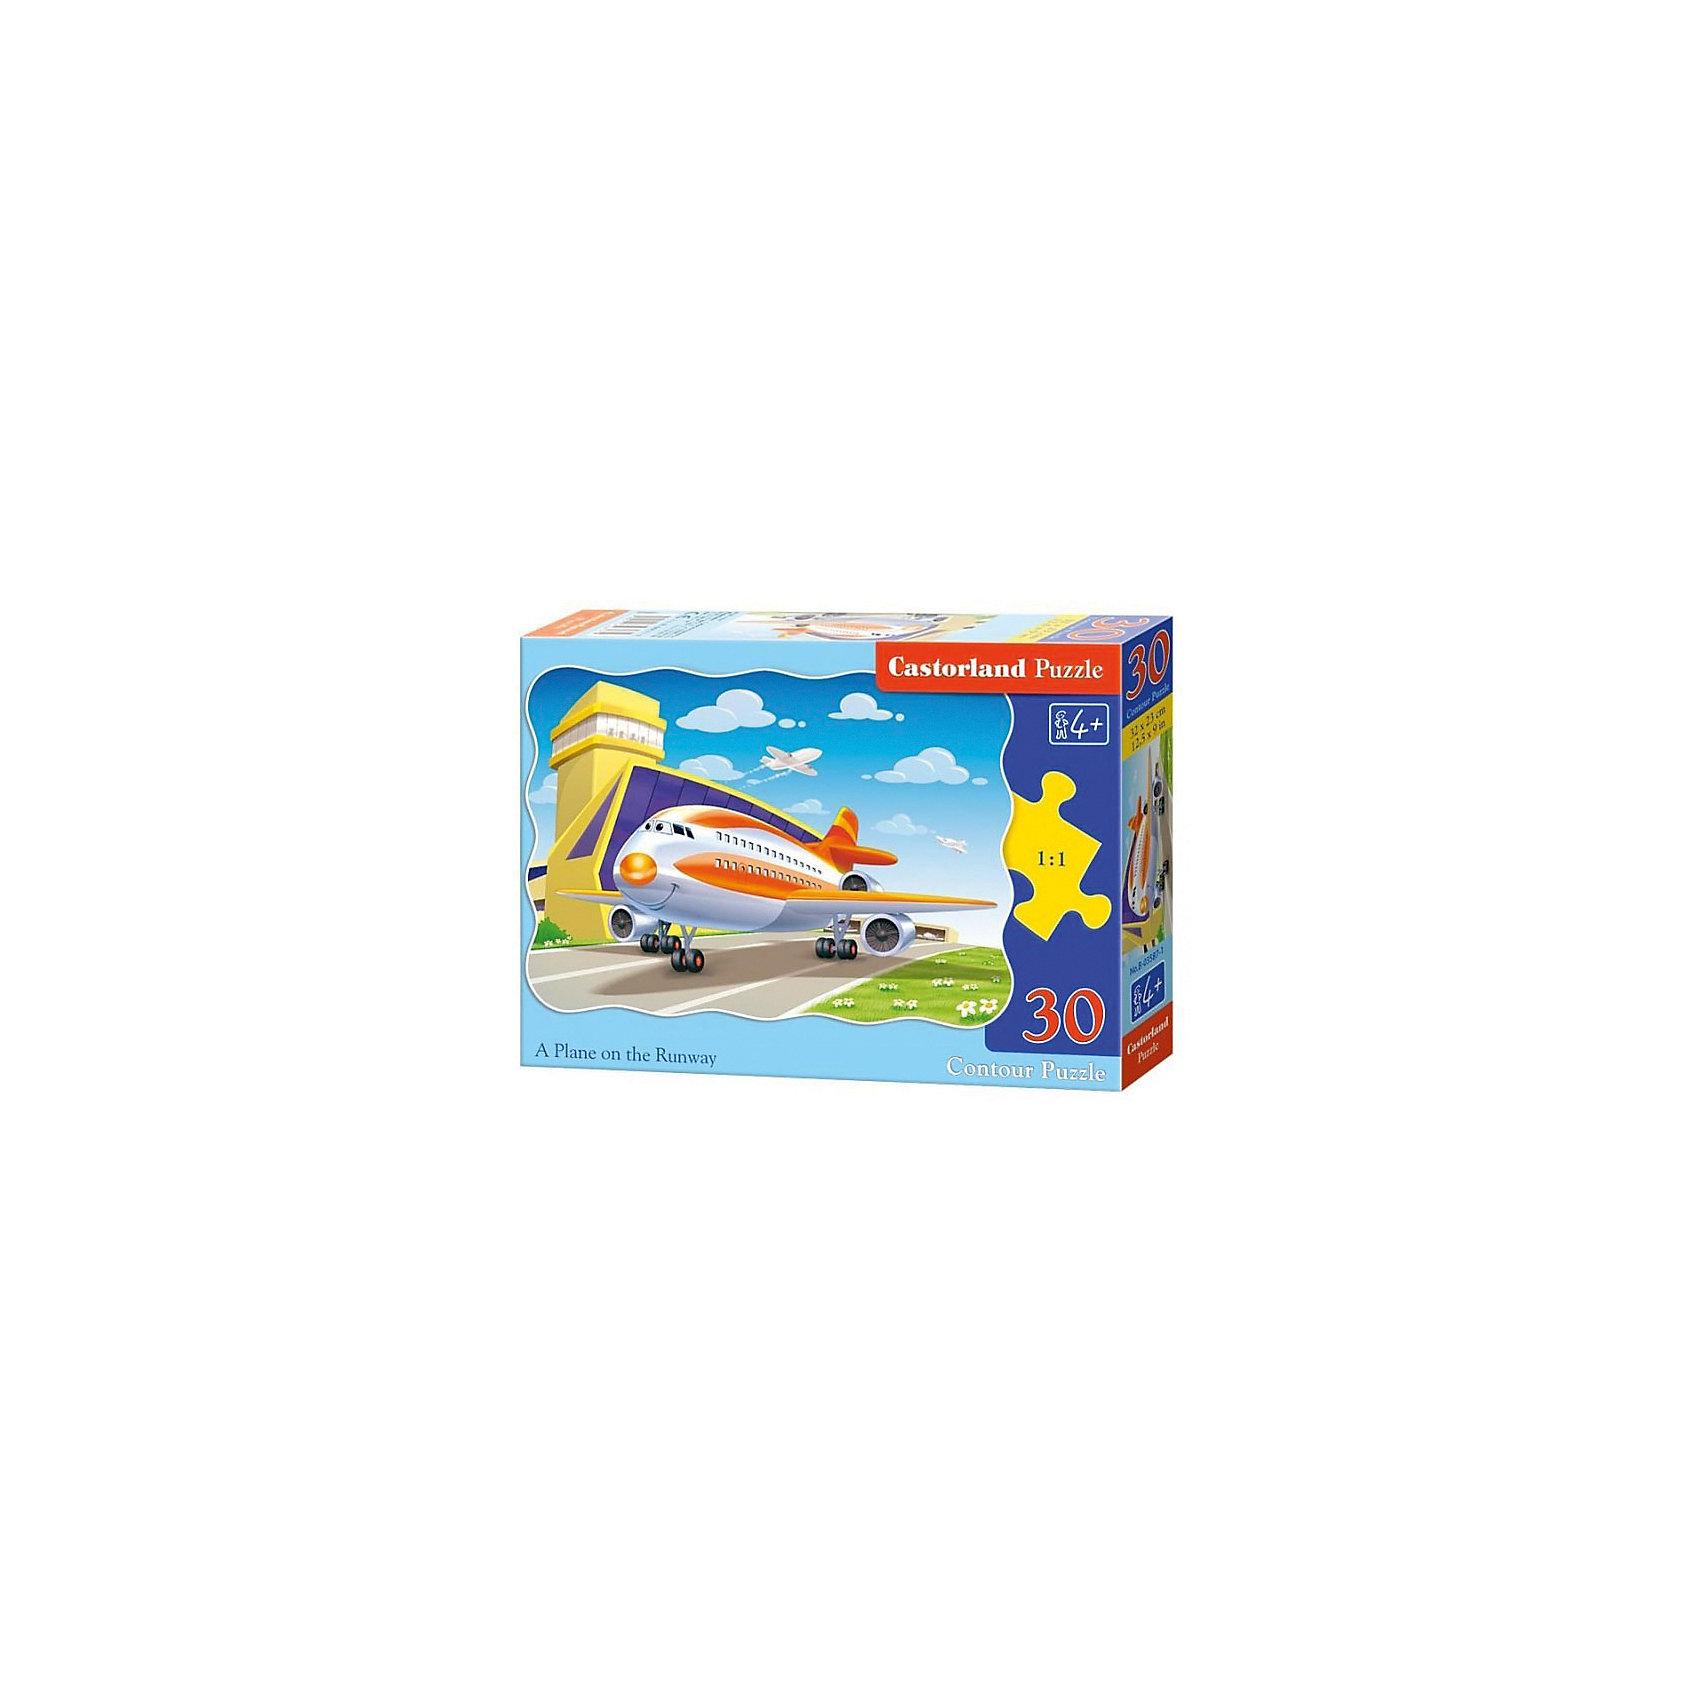 Пазл Castorland Самолет, 30 деталейКлассические пазлы<br>Характеристики:<br><br>• возраст: от 4 лет<br>• количество деталей: 30 шт.<br>• размер собранного пазла: 32х23 см.<br>• материал: картон<br>• упаковка: картонная коробка<br>• размер упаковки: 18x4x13 см.<br>• вес: 150 гр.<br>• страна обладатель бренда: Польша<br><br>Из 30 элементов пазла ребенок соберет милую картинку с изображением веселого, готовящегося к взлету, самолета. Благодаря фигурной форме картинки, процесс сбора элементов в одно изображение будет увлекательным и интересным.<br><br>Пазл Самолет, 30 деталей, Castorland (Касторленд) можно купить в нашем интернет-магазине.<br><br>Ширина мм: 180<br>Глубина мм: 130<br>Высота мм: 40<br>Вес г: 150<br>Возраст от месяцев: 48<br>Возраст до месяцев: 2147483647<br>Пол: Мужской<br>Возраст: Детский<br>SKU: 6725084